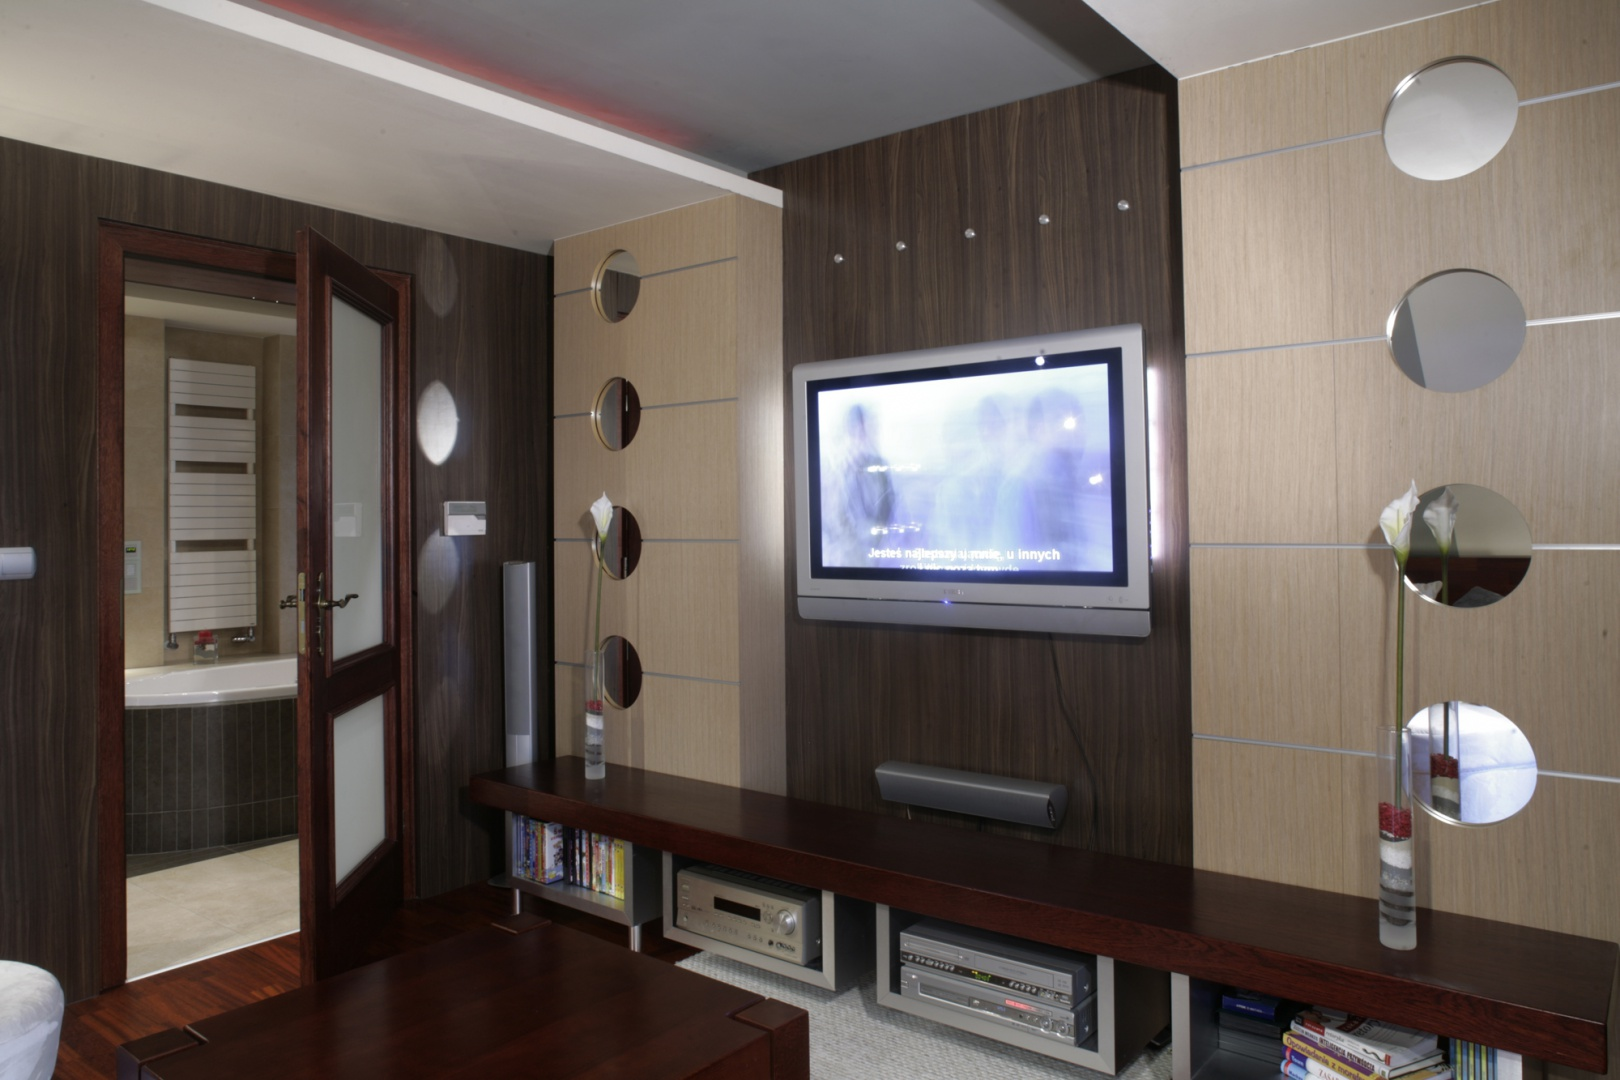 """Jedno z wejść do łazienki prowadzi z pokoju telewizyjnego, który sąsiaduje z małżeńską sypialnią. Ściana z laminatu, o przypominającej drewno fakturze, jest elementem wywołującym efekt """"ciepłej nowoczesności"""" tego domu. Fot. Monika Filipiuk."""